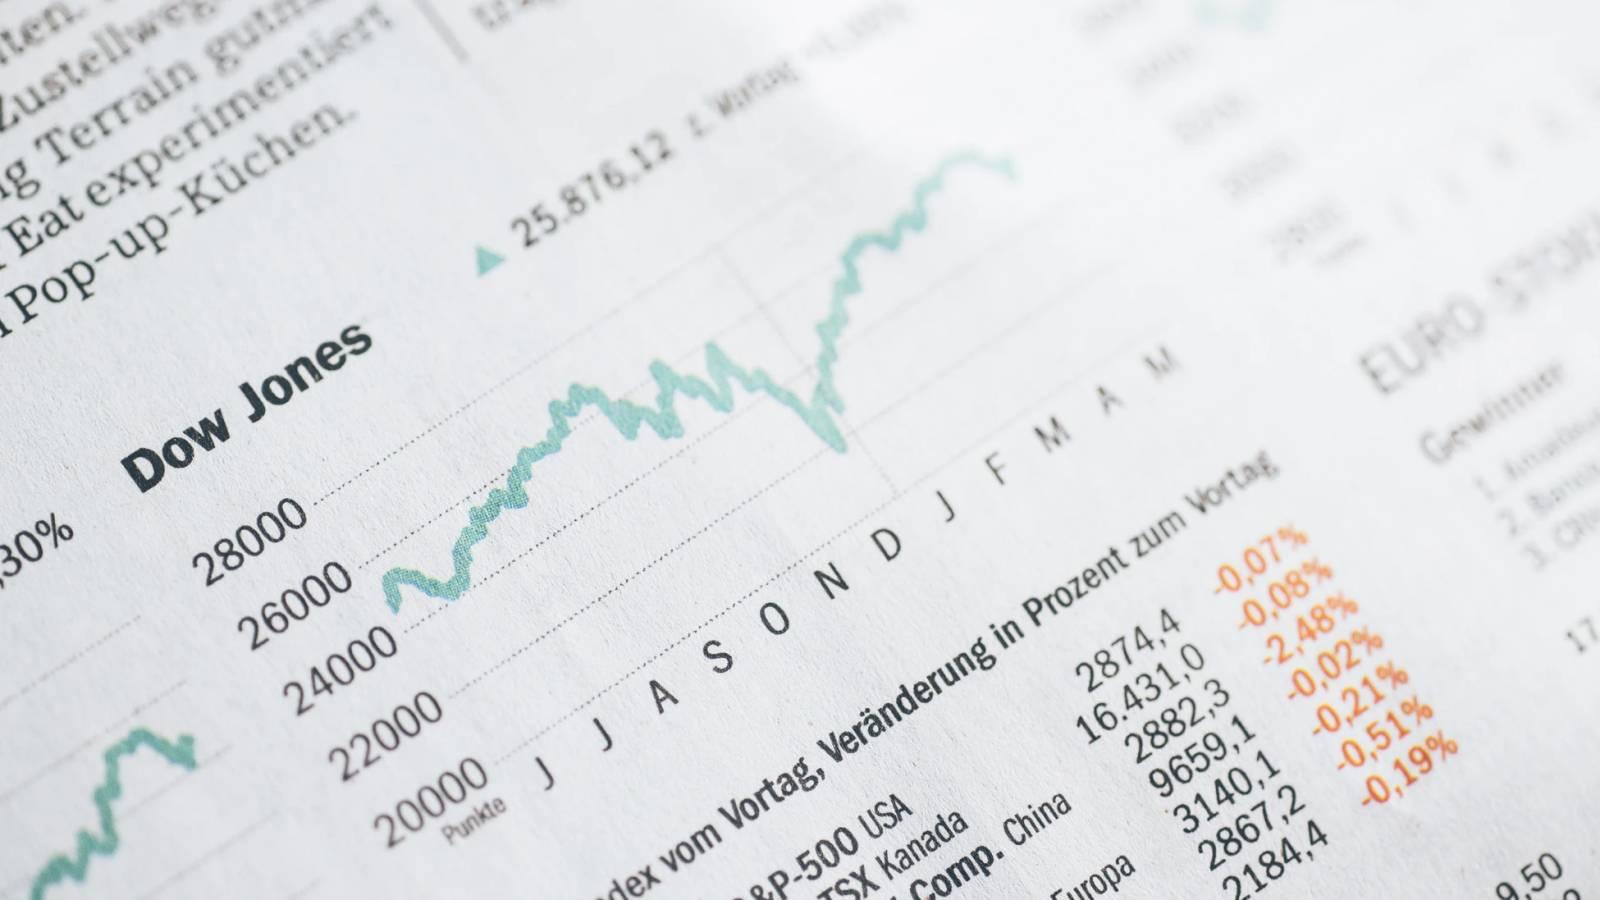 วิธีการตรวจจับ outlier ง่ายๆด้วยโปรแกรม Excel